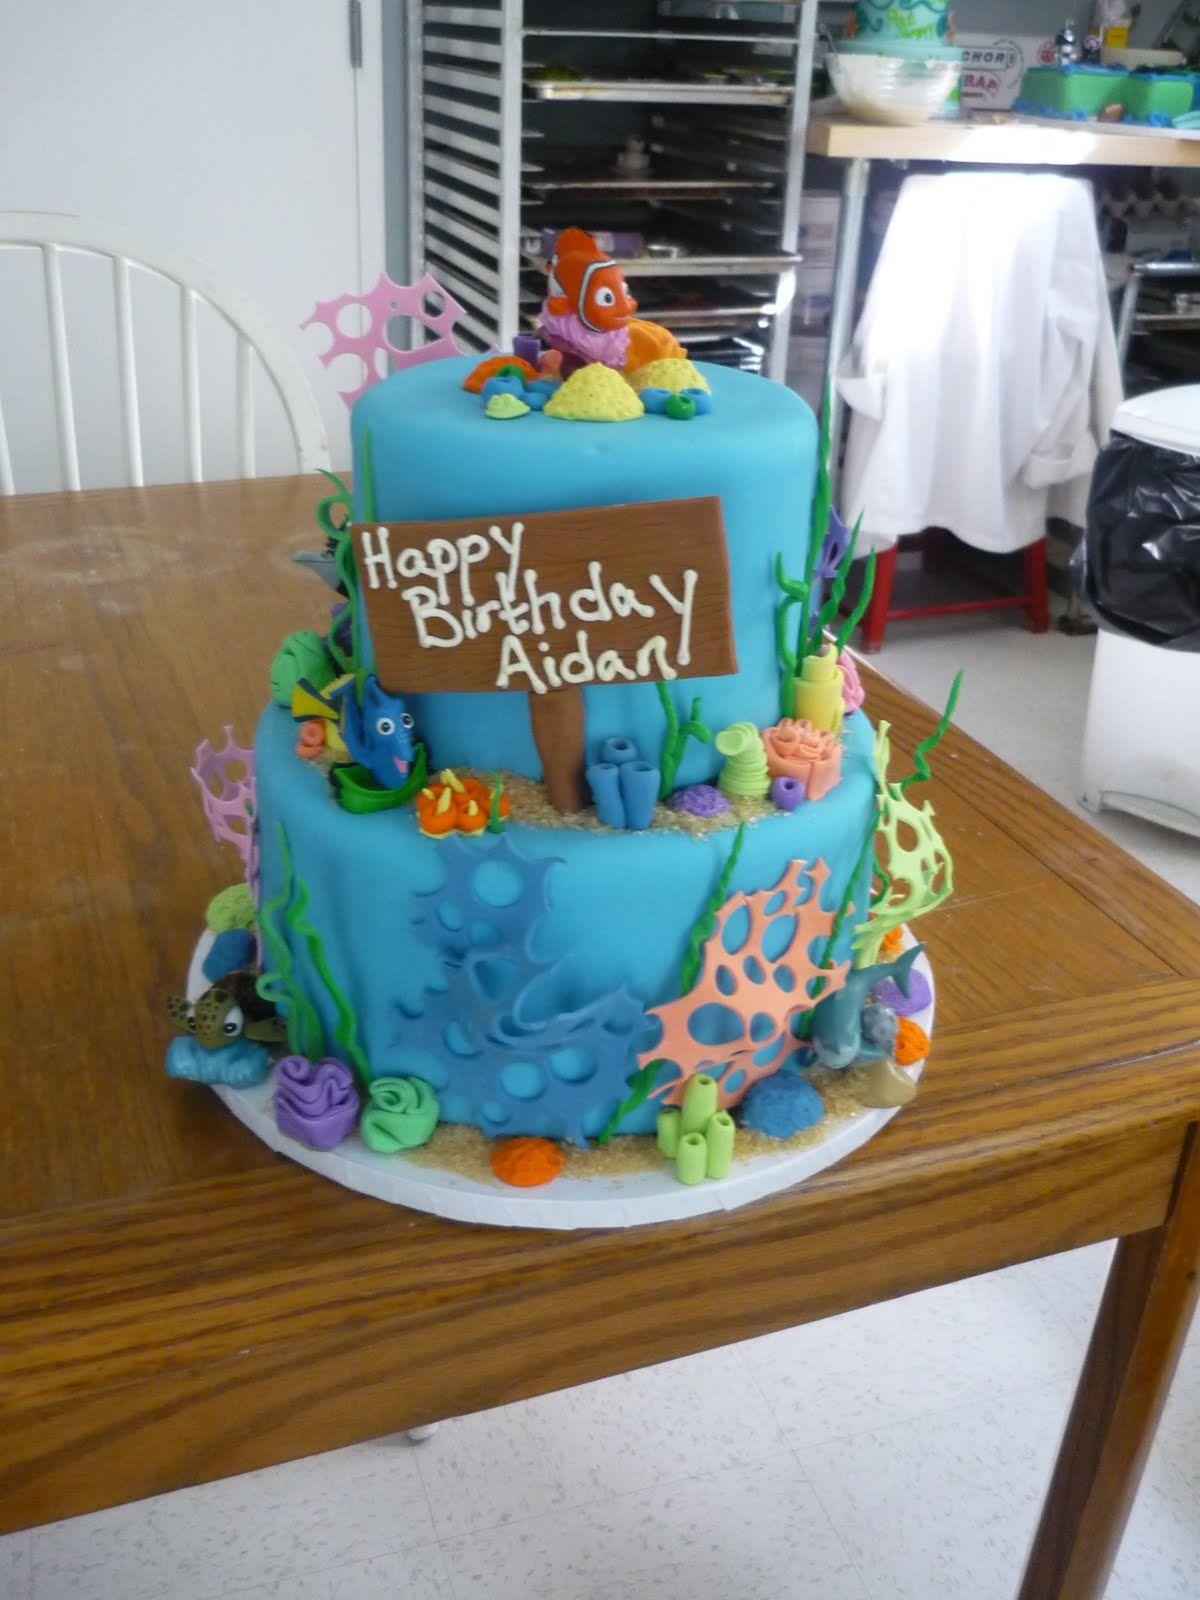 Finding Nemo Theme Cakes Artisan Bake Shop Finding Nemo - Finding nemo birthday cake